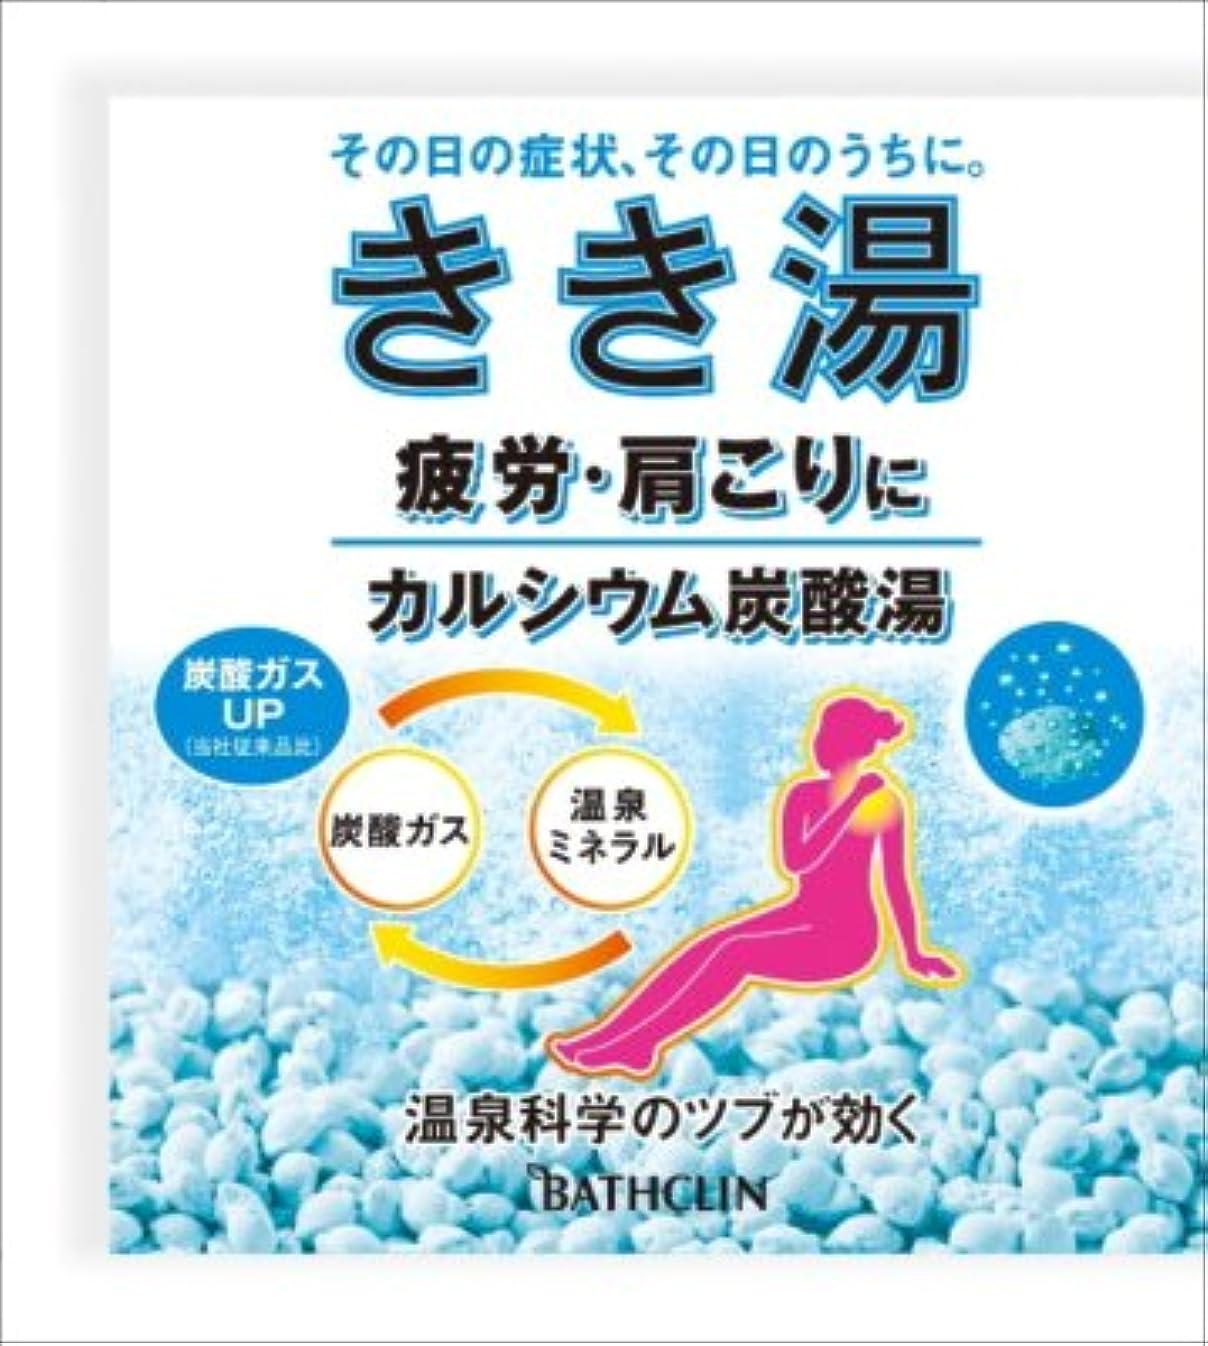 メロディープロフィール固執バスクリン きき湯 カルシウム炭酸湯 30g ×120個セット 青空色のお湯(透明タイプ) 気分のんびりラムネの香り 入浴剤